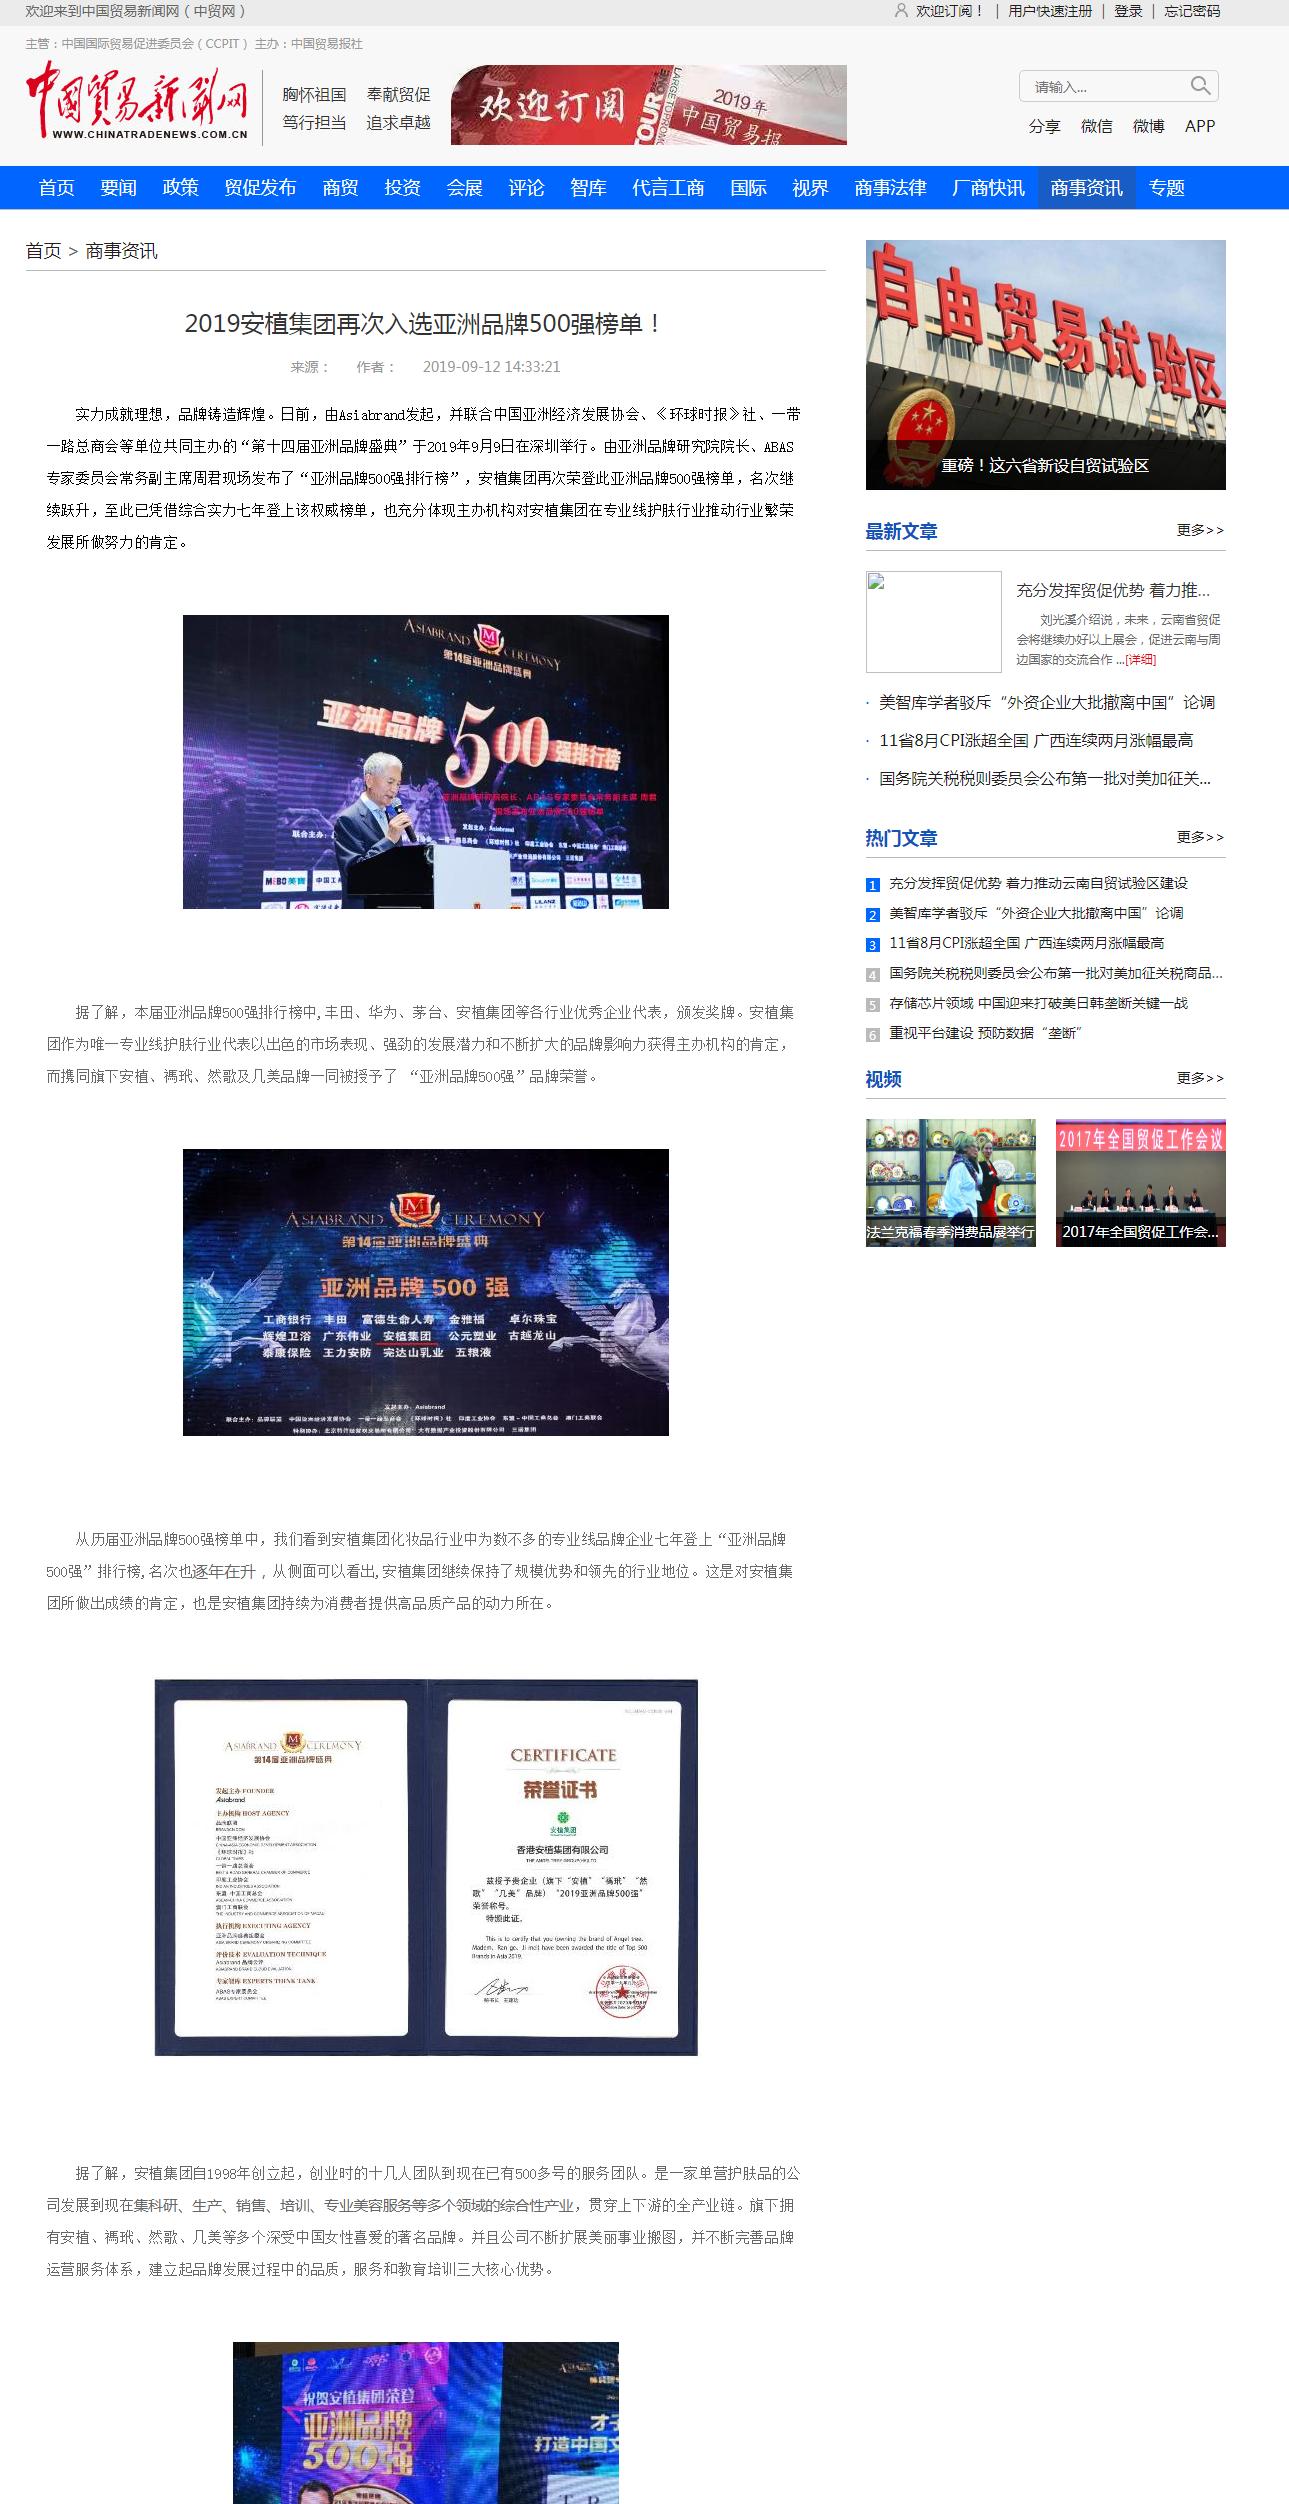 2013亚洲品牌500强_2019安植集团再次入选亚洲品牌500强榜单!